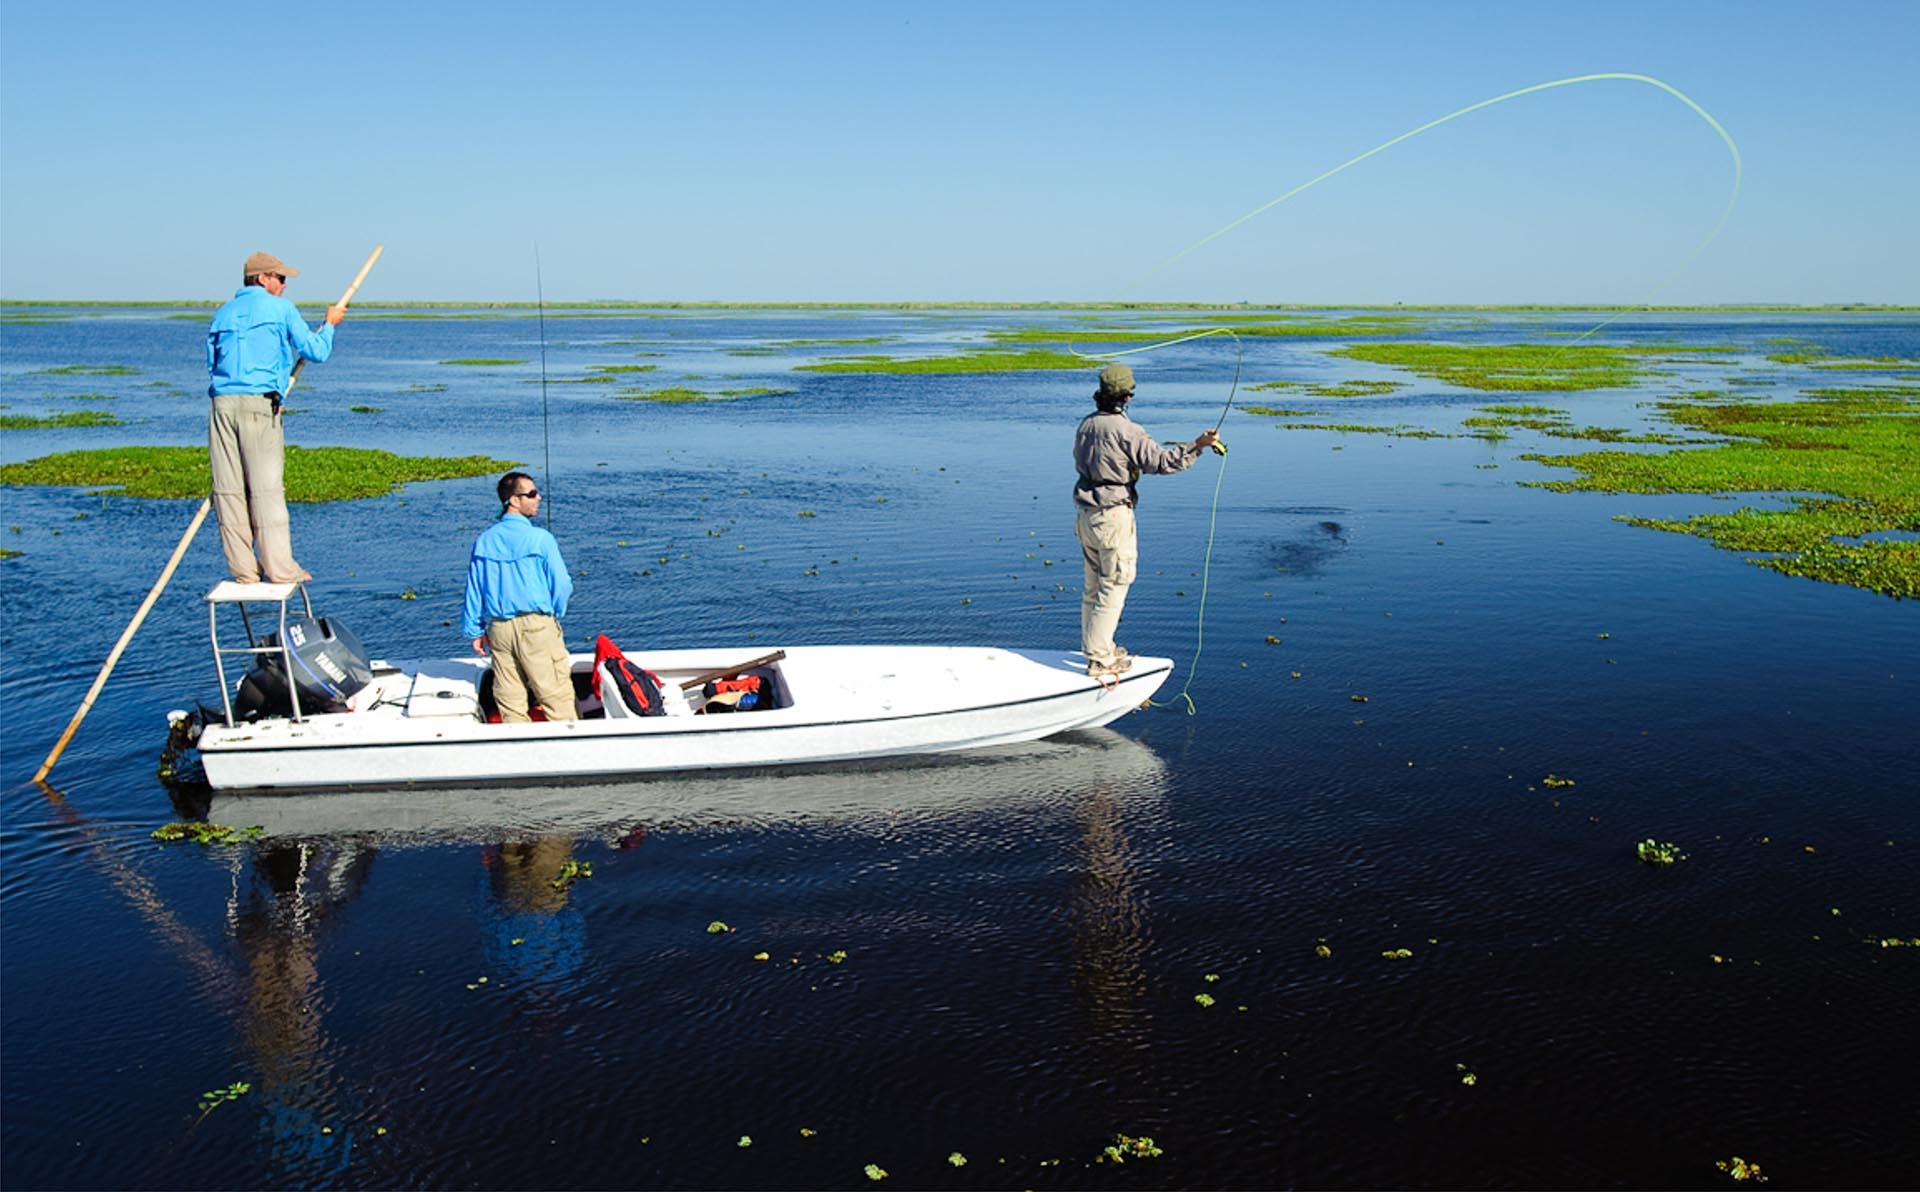 Ubicado al noreste de Argentina, es un refugio de la naturaleza enclavado en el corazón de la provincia de Corrientes, a donde se puede llegar desde diferentes puntos de acceso, como Mercedes, Colonia C. Pellegrini, Ituzaingó, Concepción y Loreto, entre otros